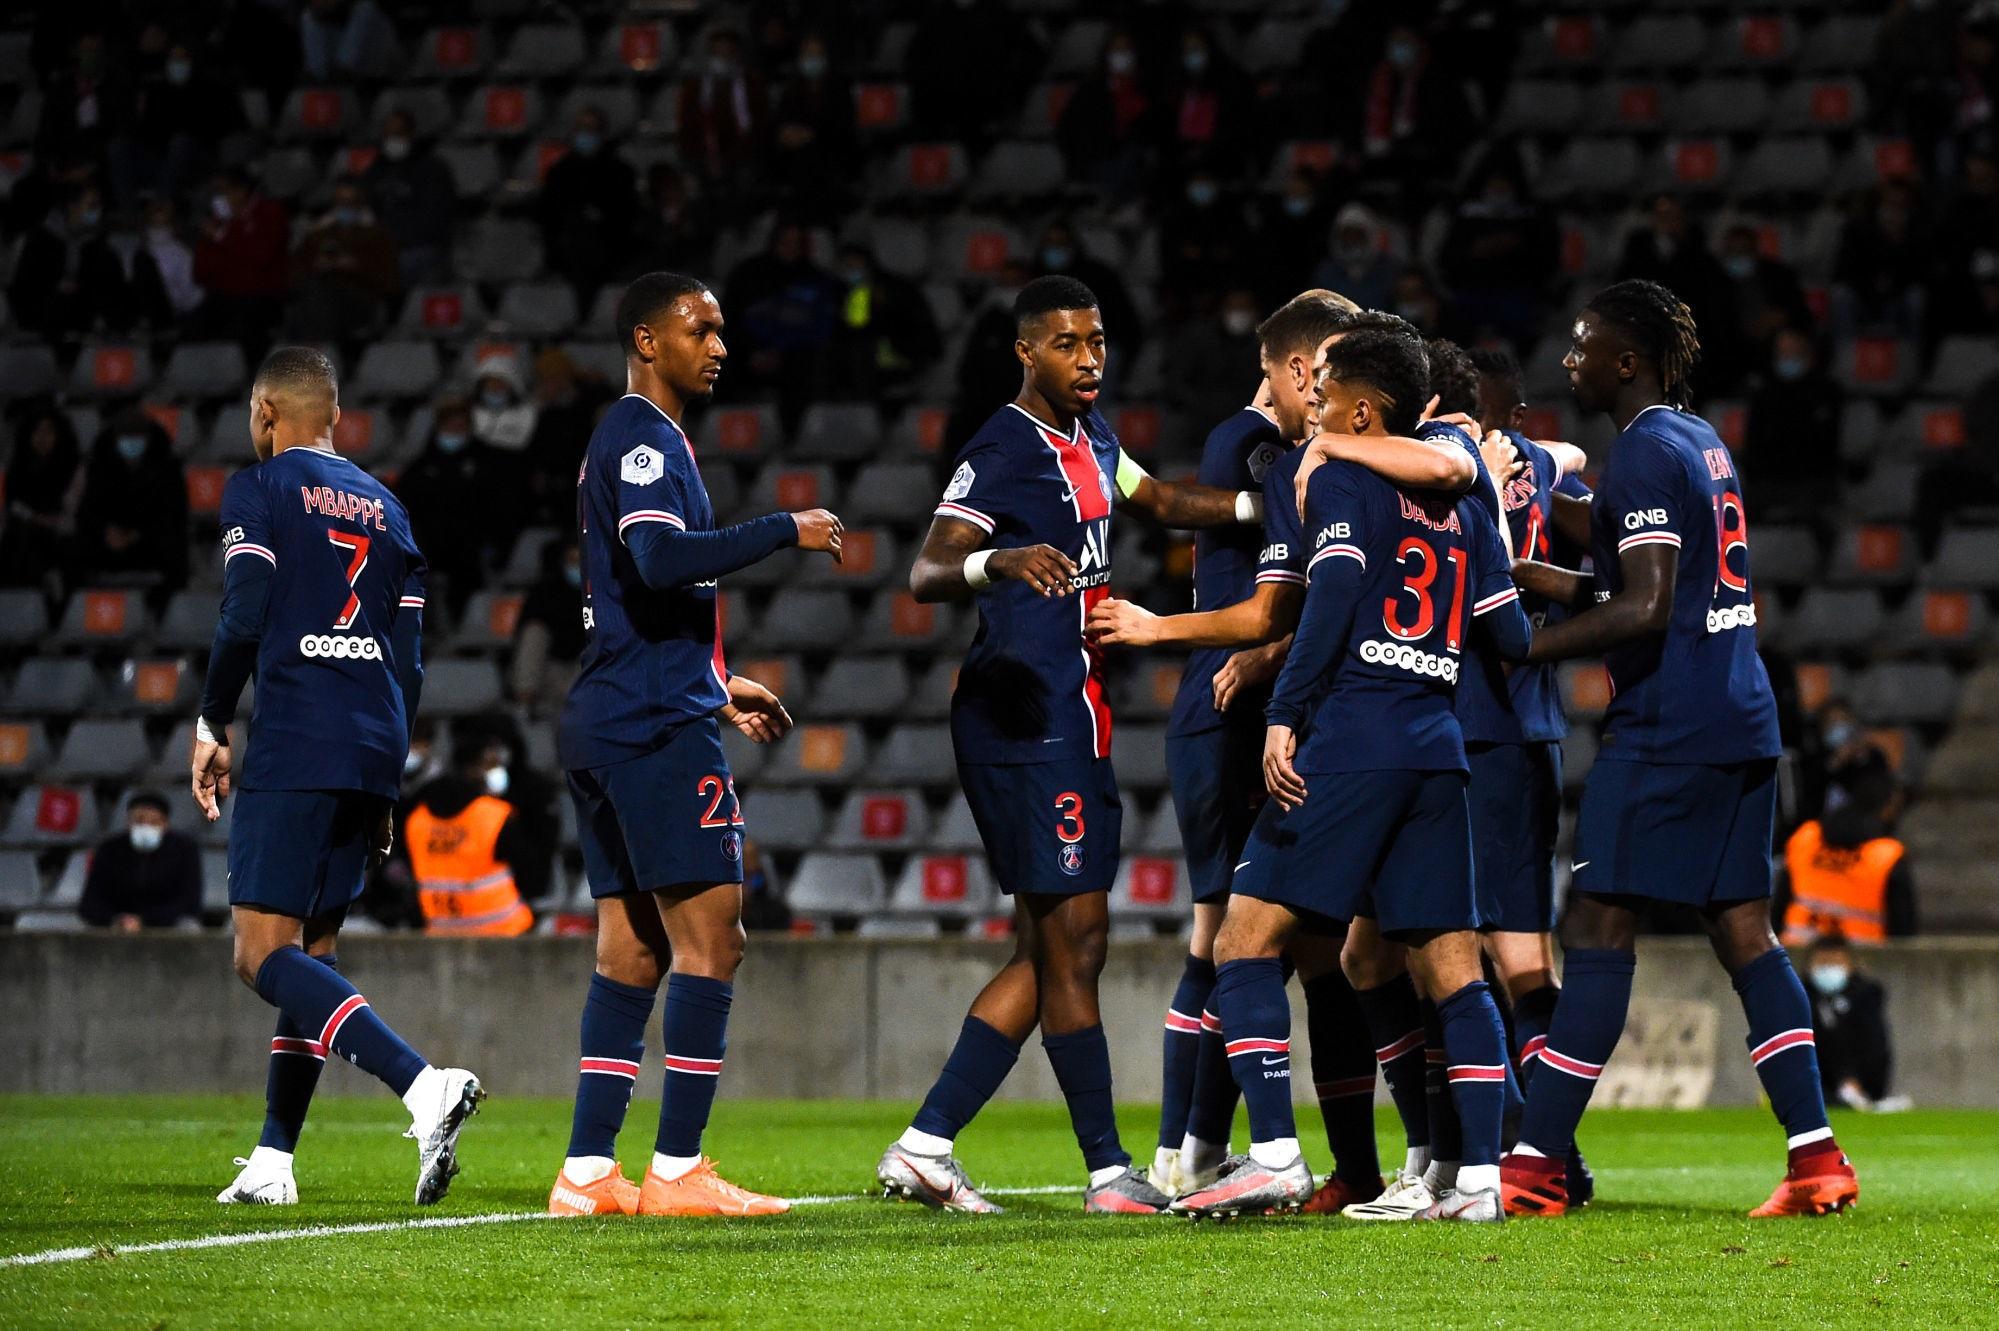 Nîmes/PSG - Qui a été le meilleur joueur parisien selon vous ?